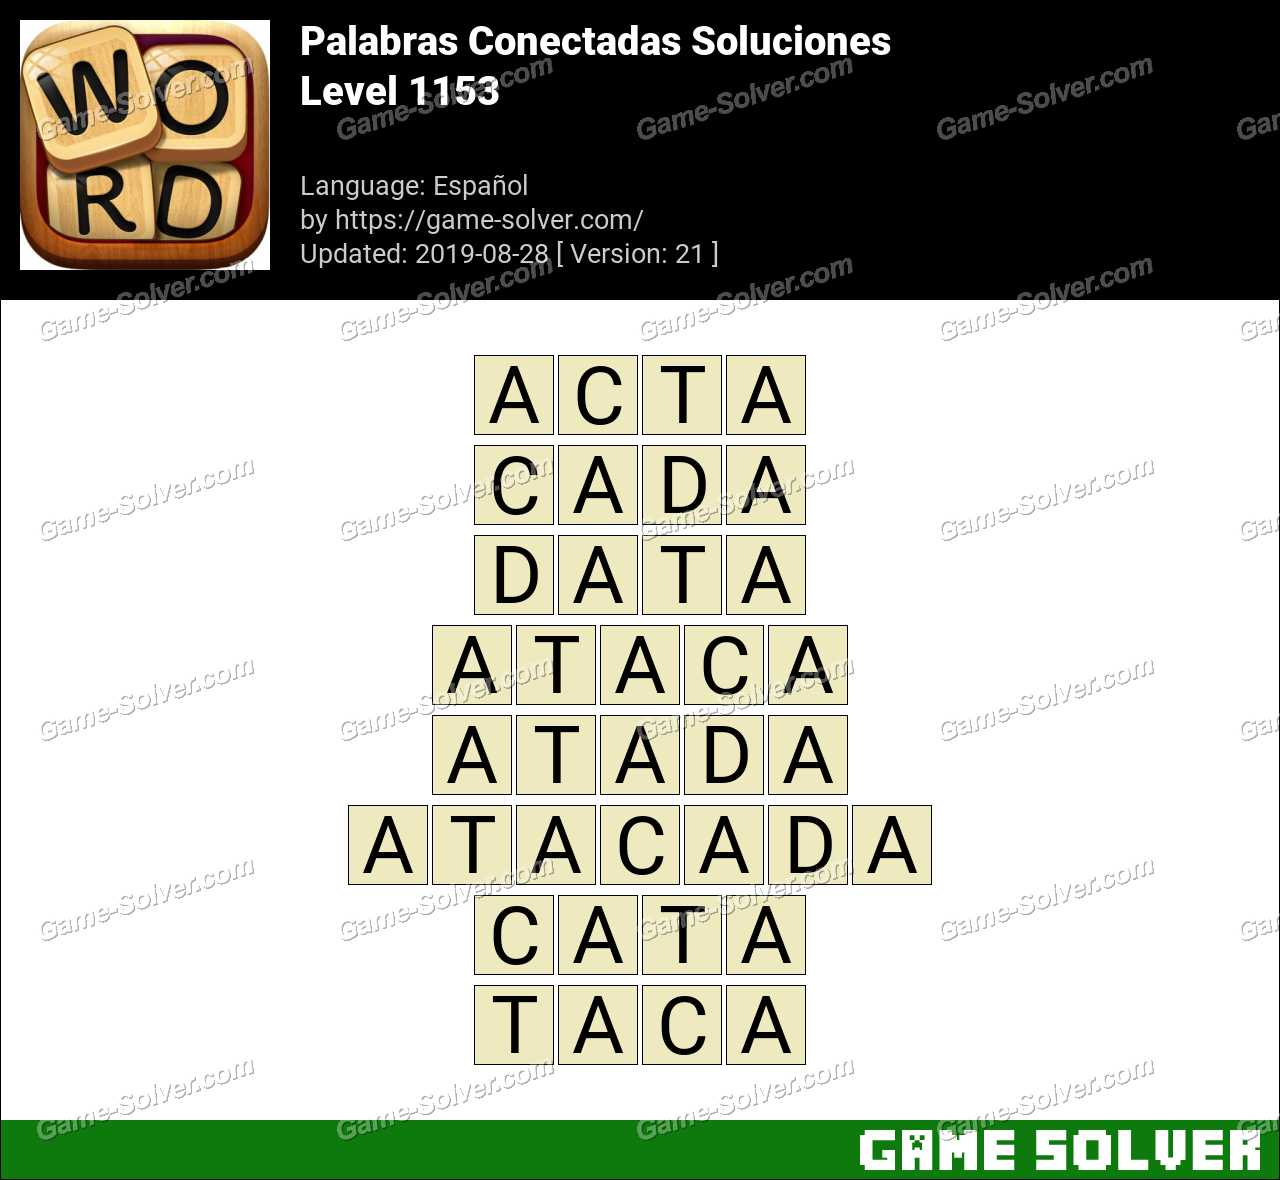 Palabras Conectadas Nivel 1153 Soluciones